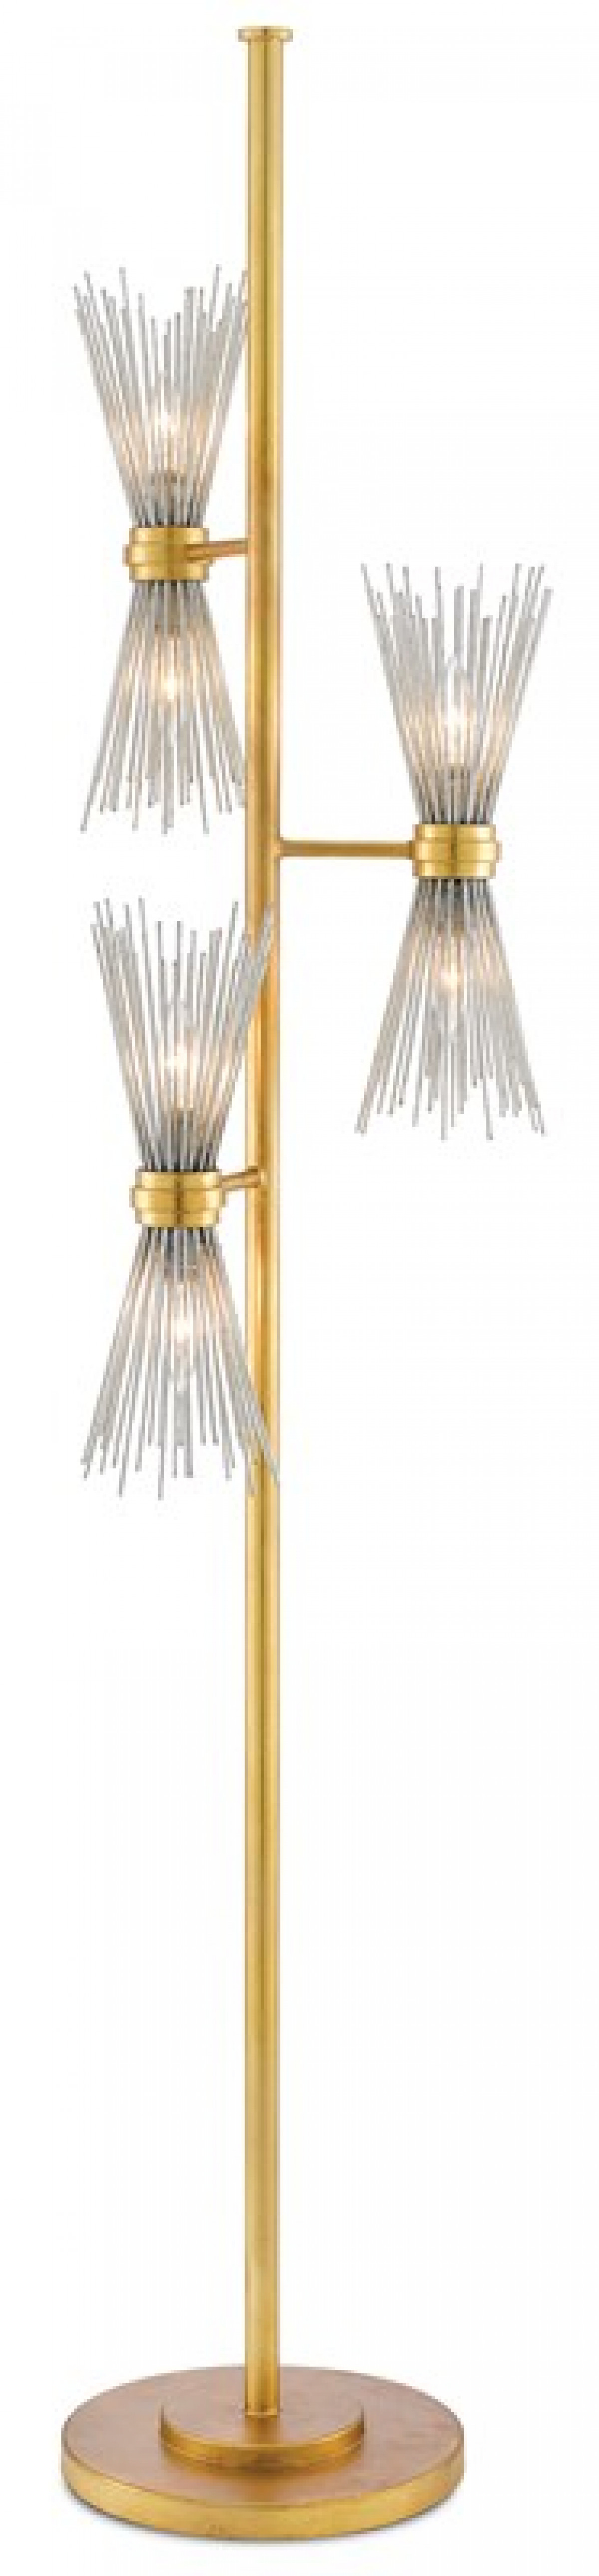 Floor Lamps 31692